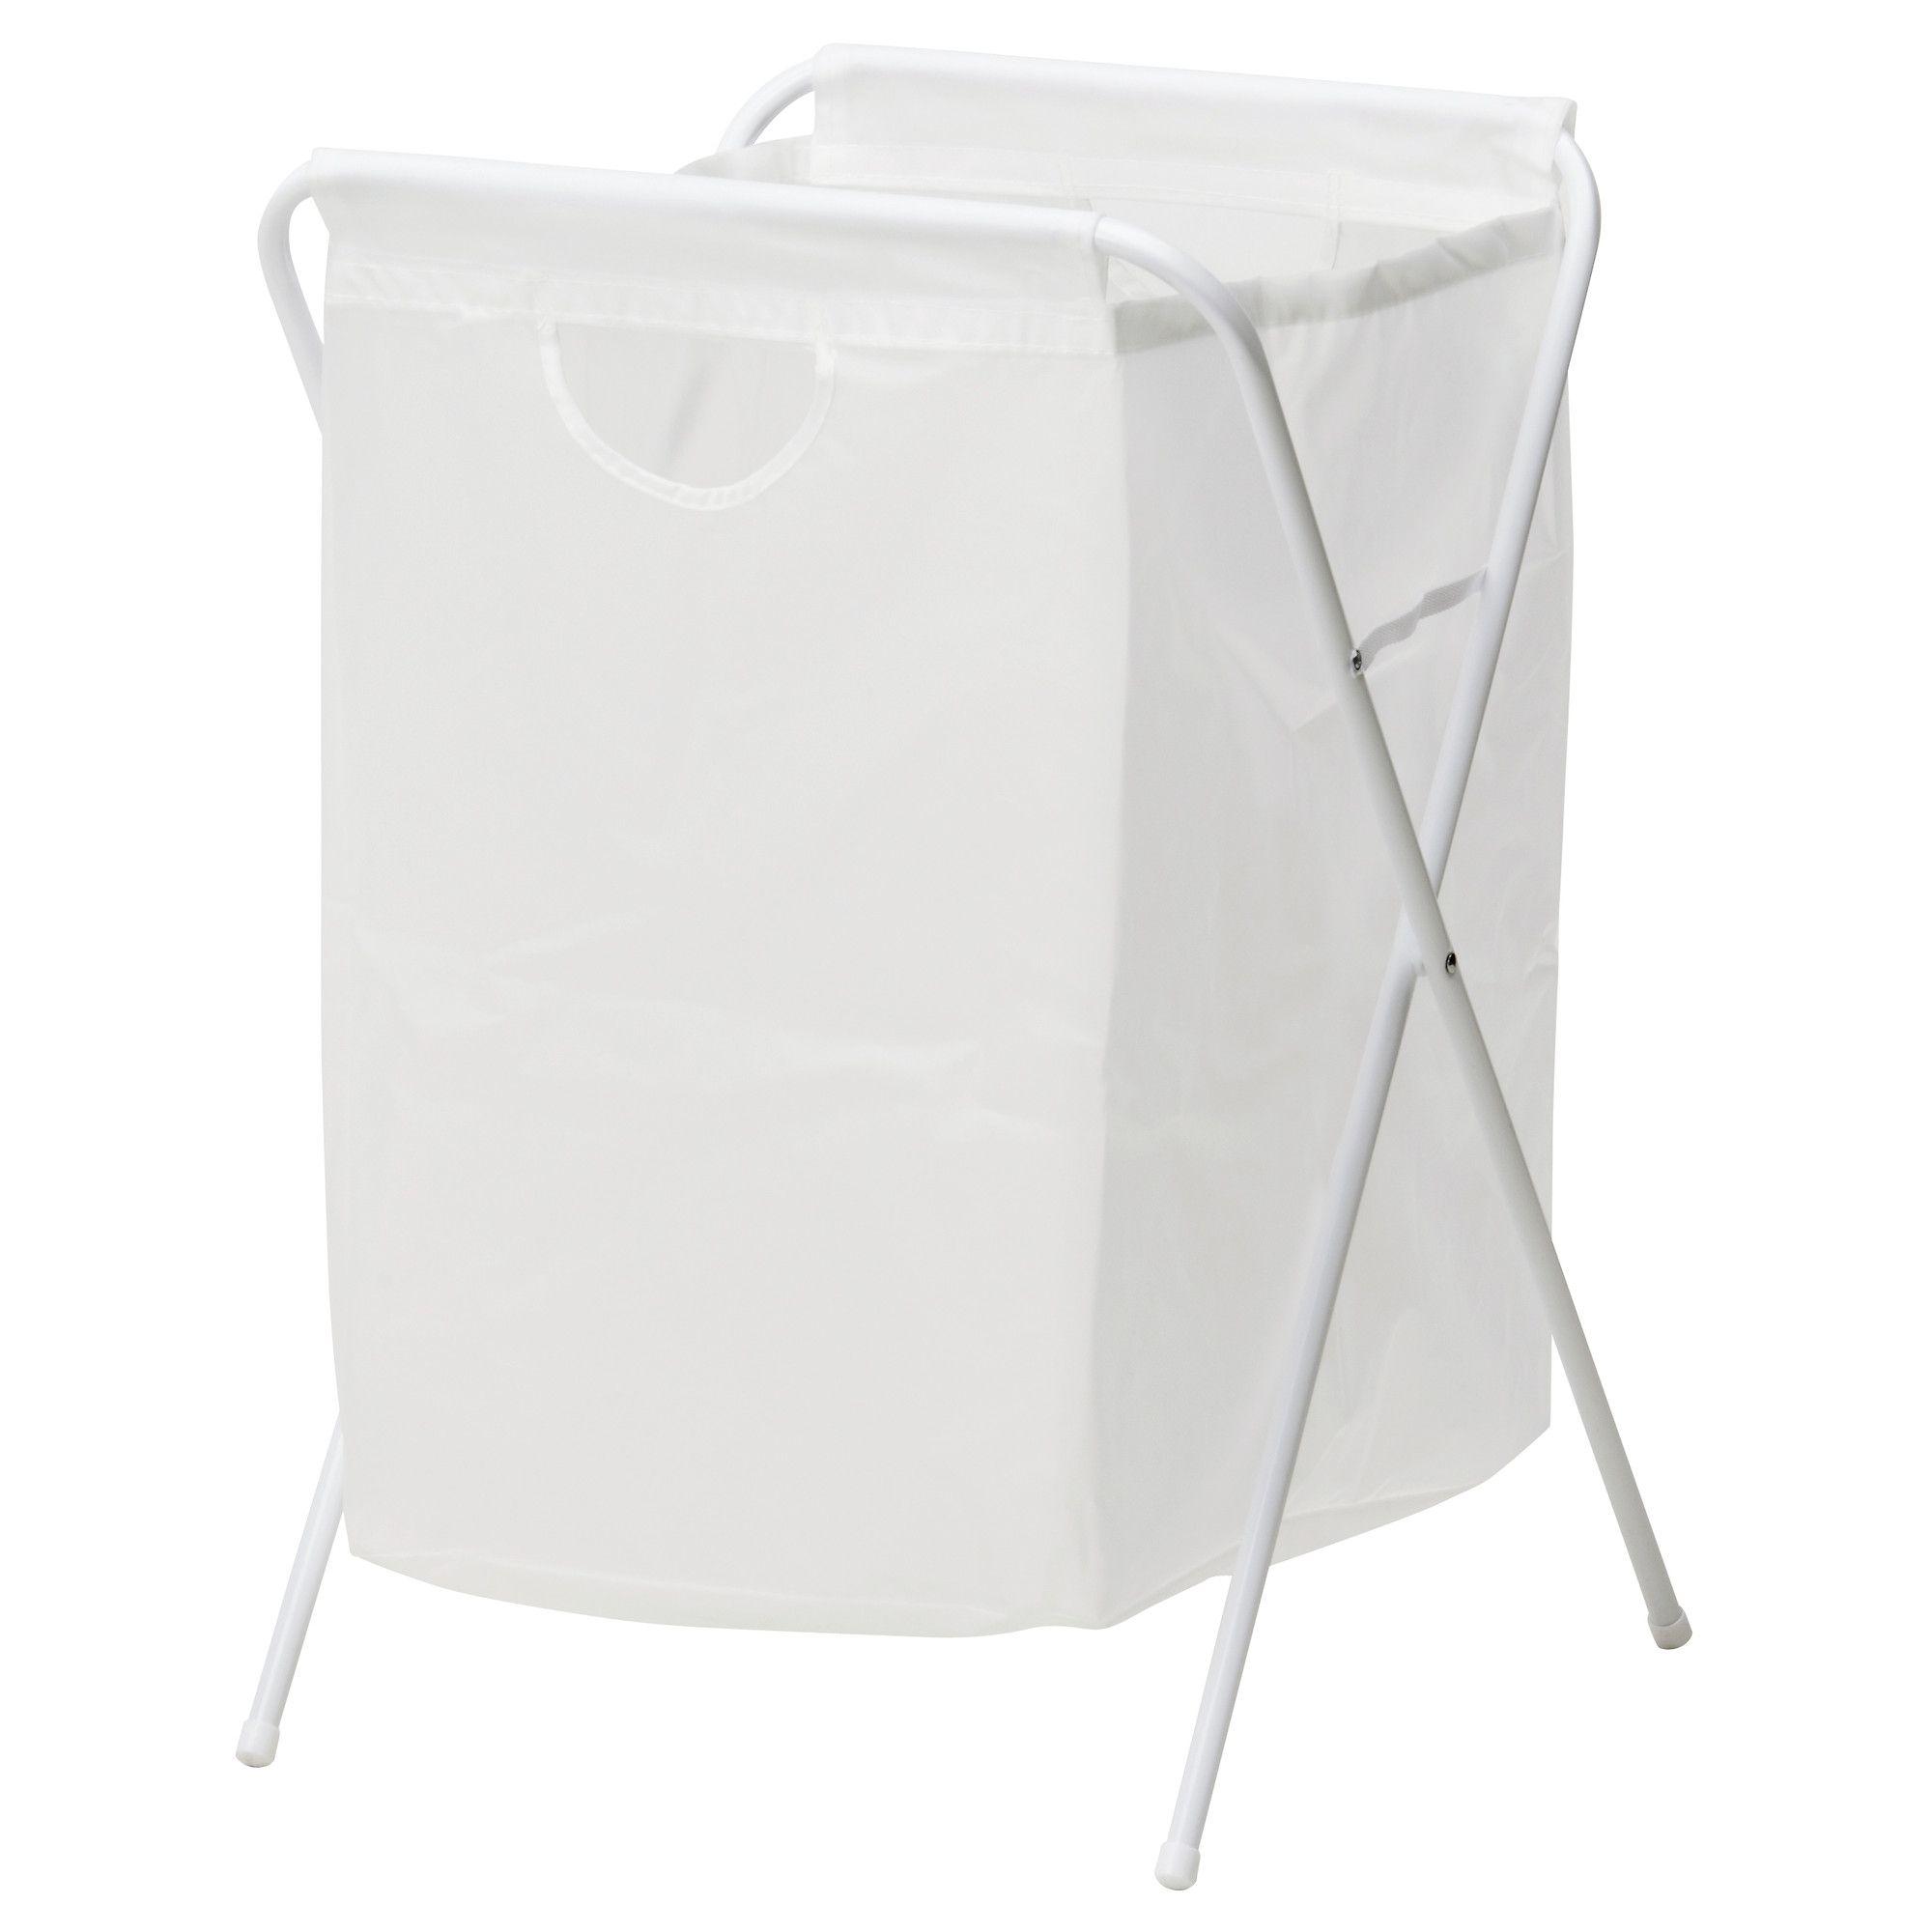 sac linge et support j ll blanc ikea sac linge. Black Bedroom Furniture Sets. Home Design Ideas